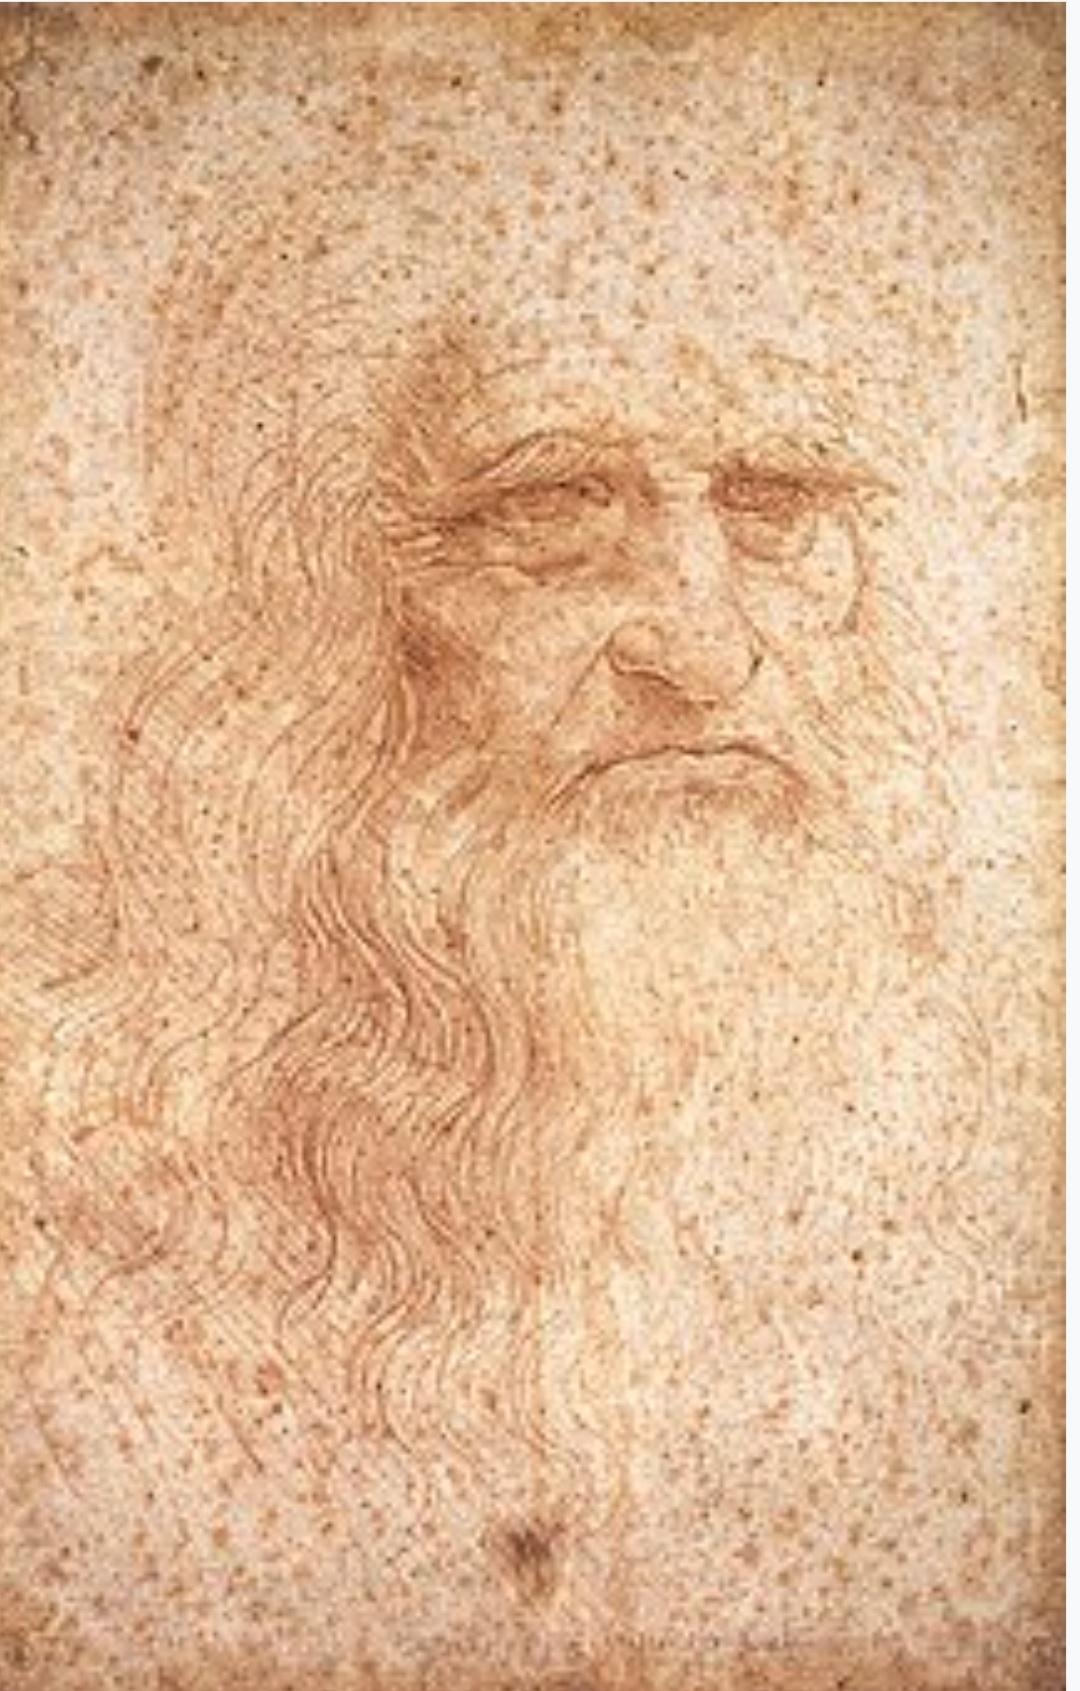 কালজয়ী চিত্রশিল্পী লিওনার্দো দ্য ভিঞ্চি'র ৫০২তম মৃত্যুবার্ষিকী আজ